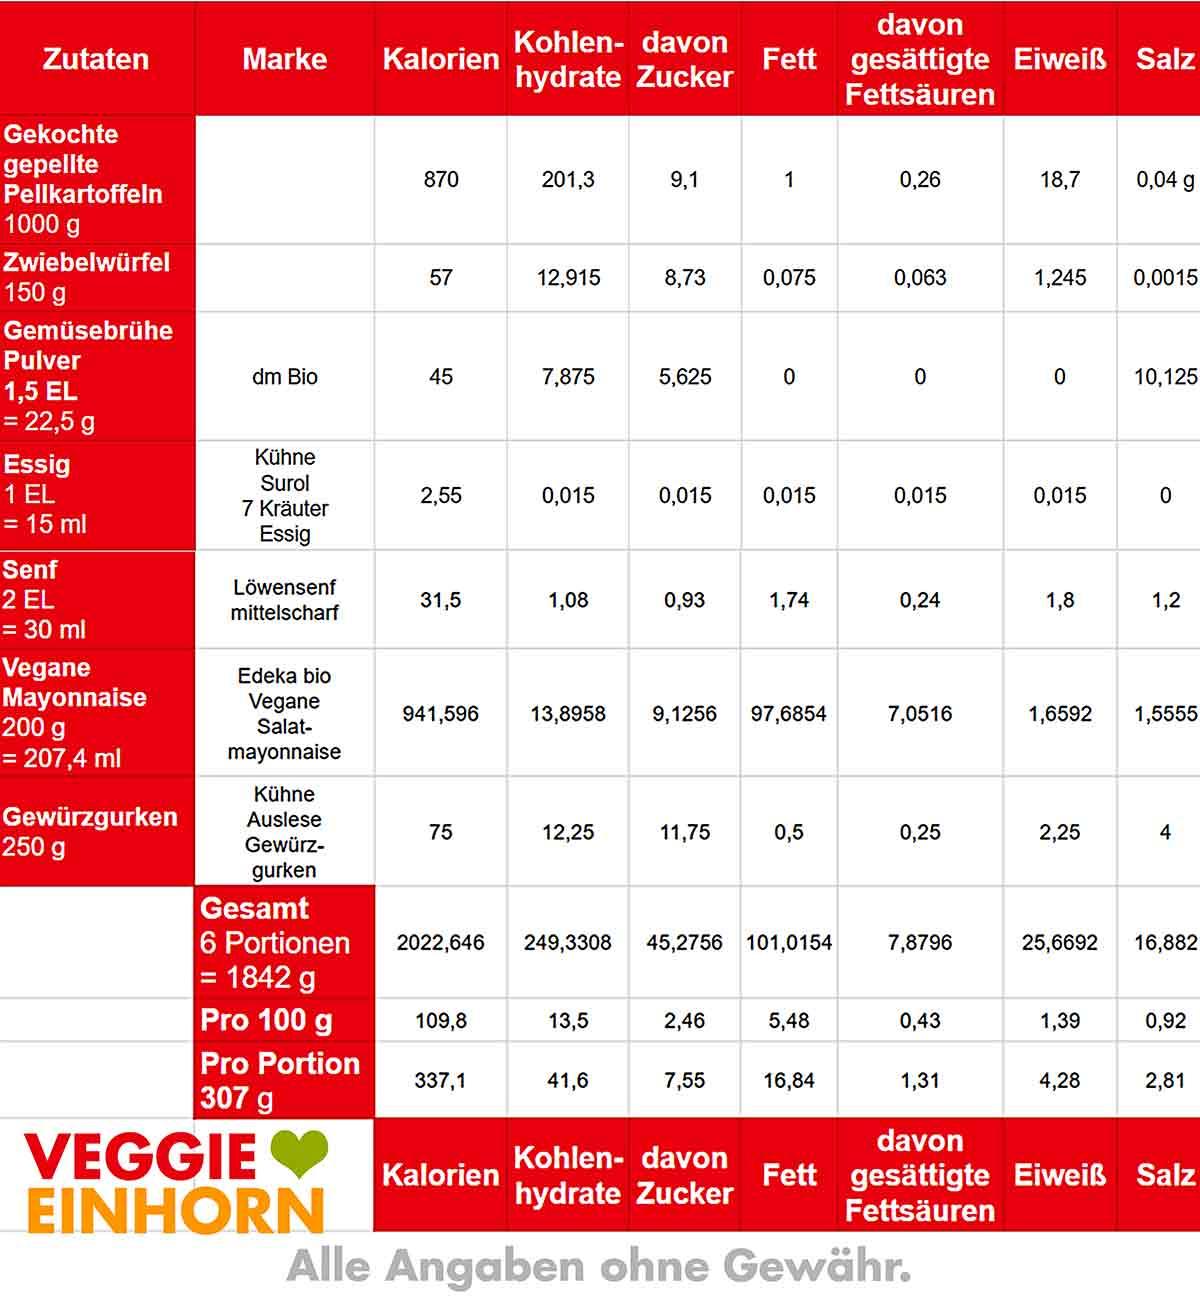 Kalorien und Nährwerte von veganem Kartoffelsalat mit Mayonnaise